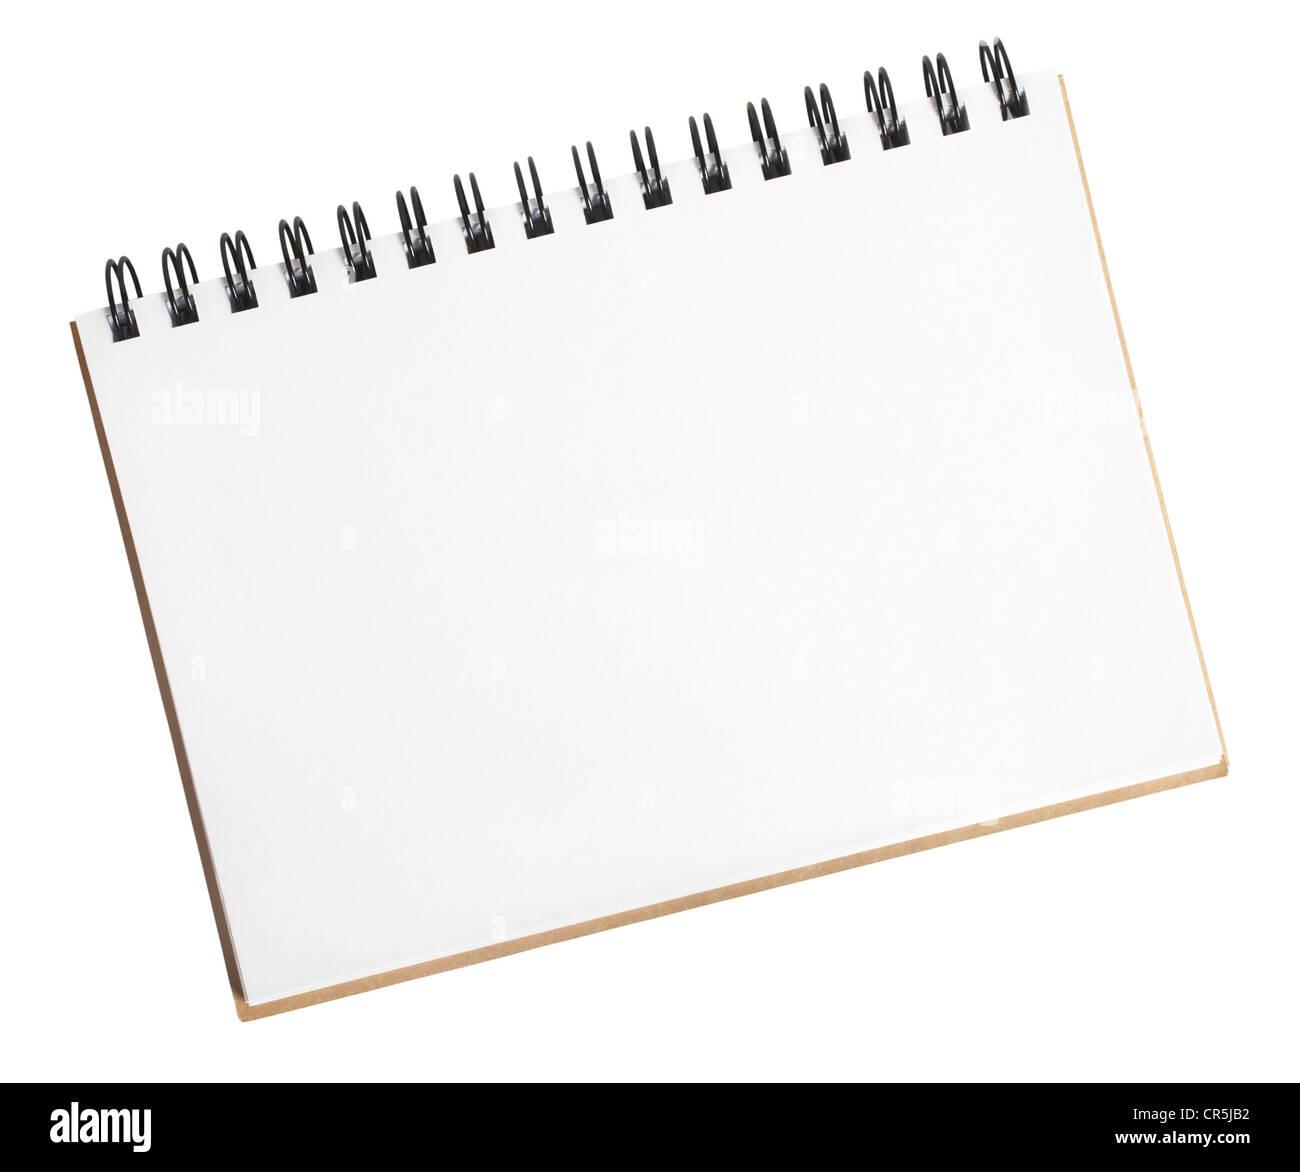 Vuelta en espiral pequeño sketch pad abierto y listo para su dibujo Imagen De Stock